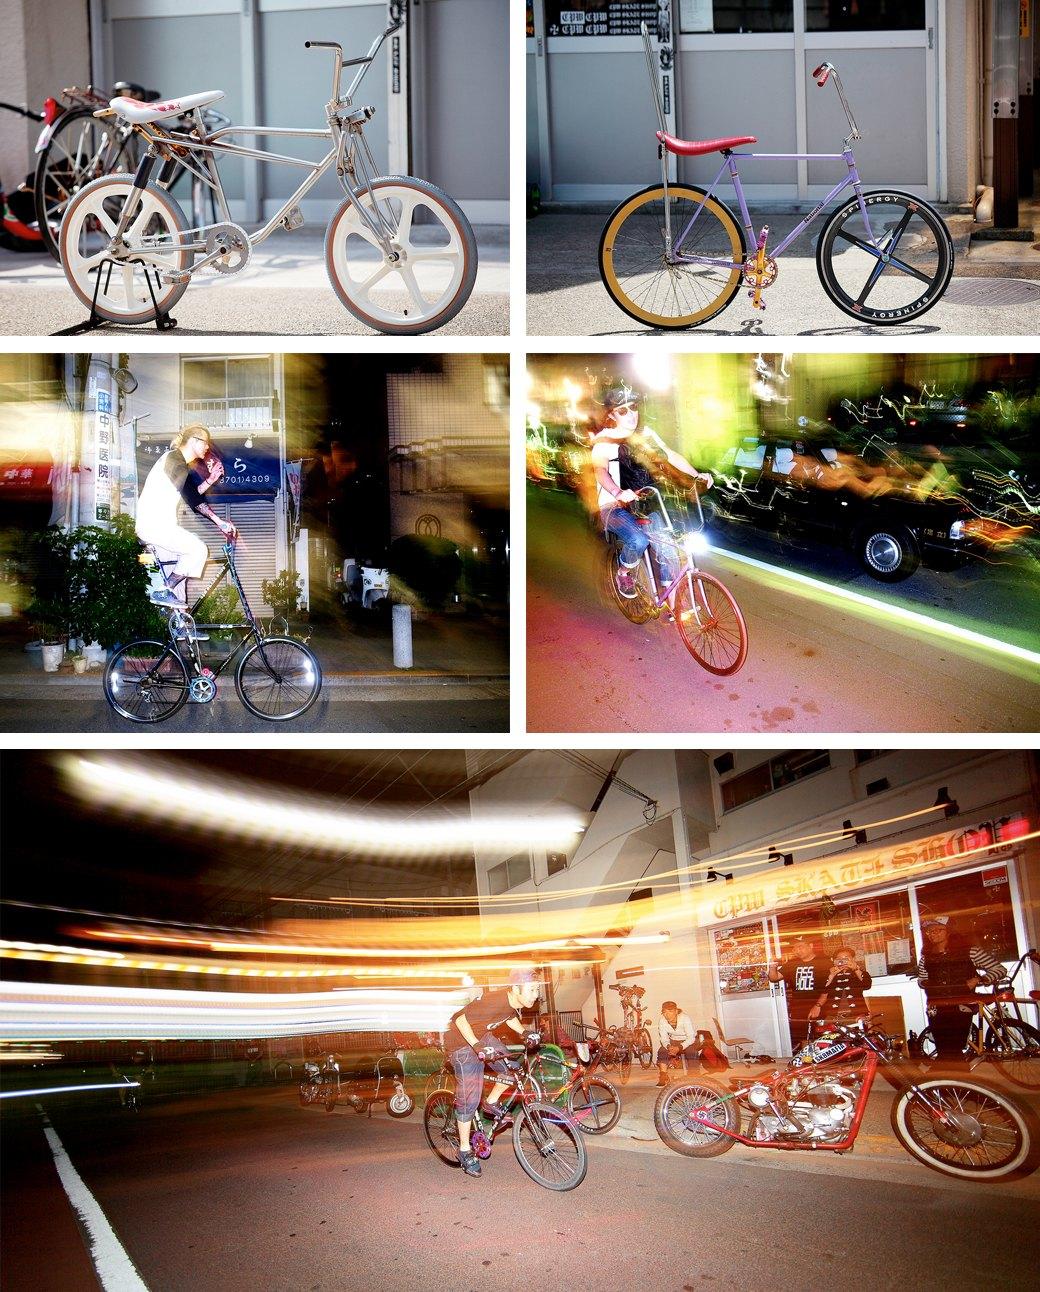 Якудза на колесах: Японская субкультура мотохулиганов — босодзоку. Изображение №13.